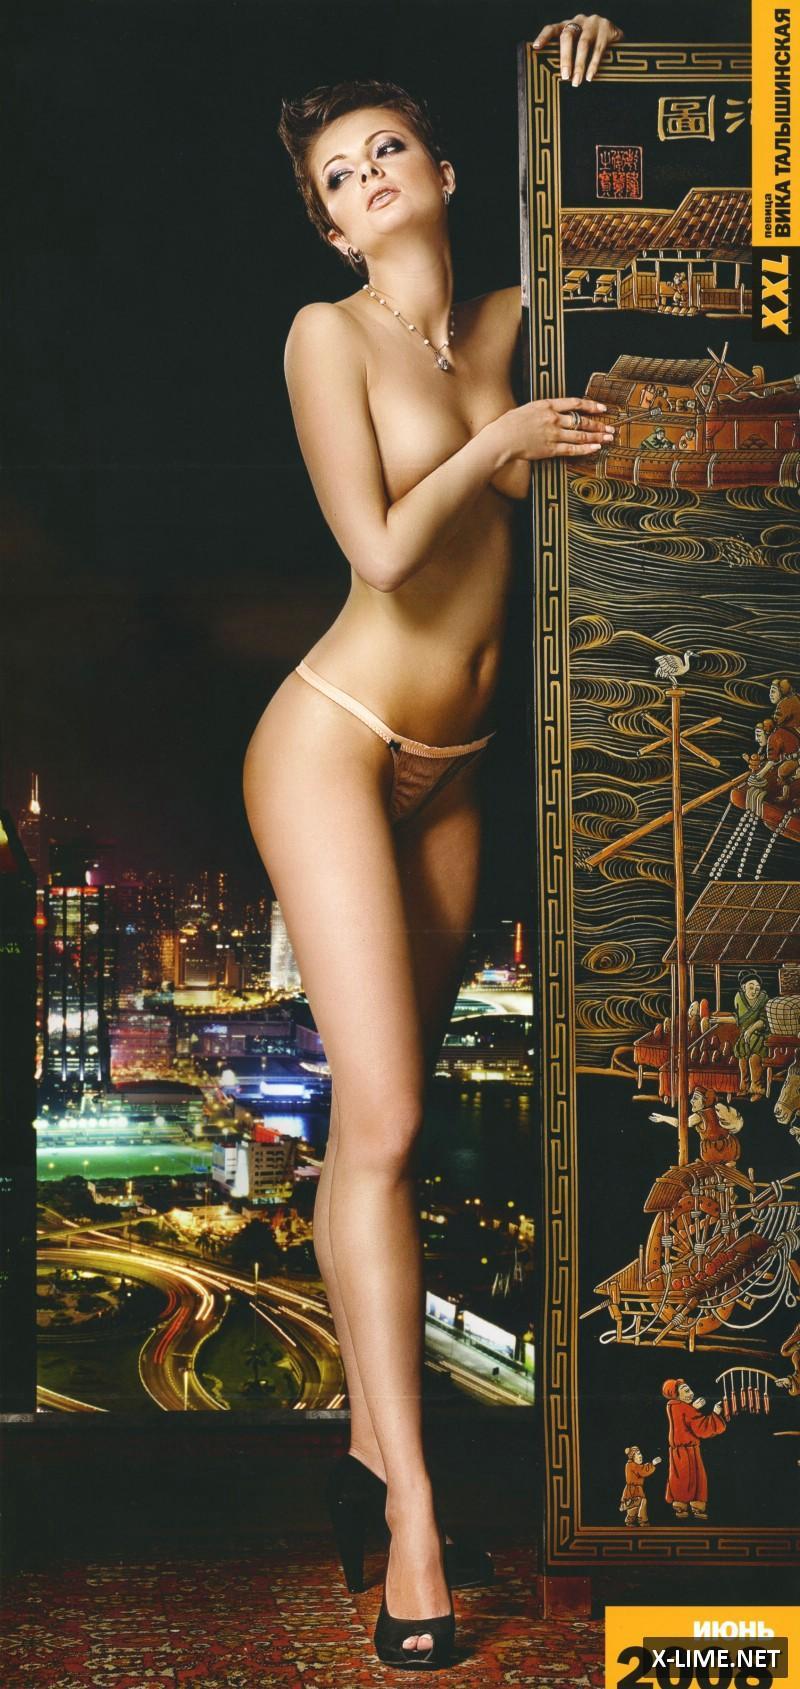 Порно фото певицы виктории талышинской 6 фотография